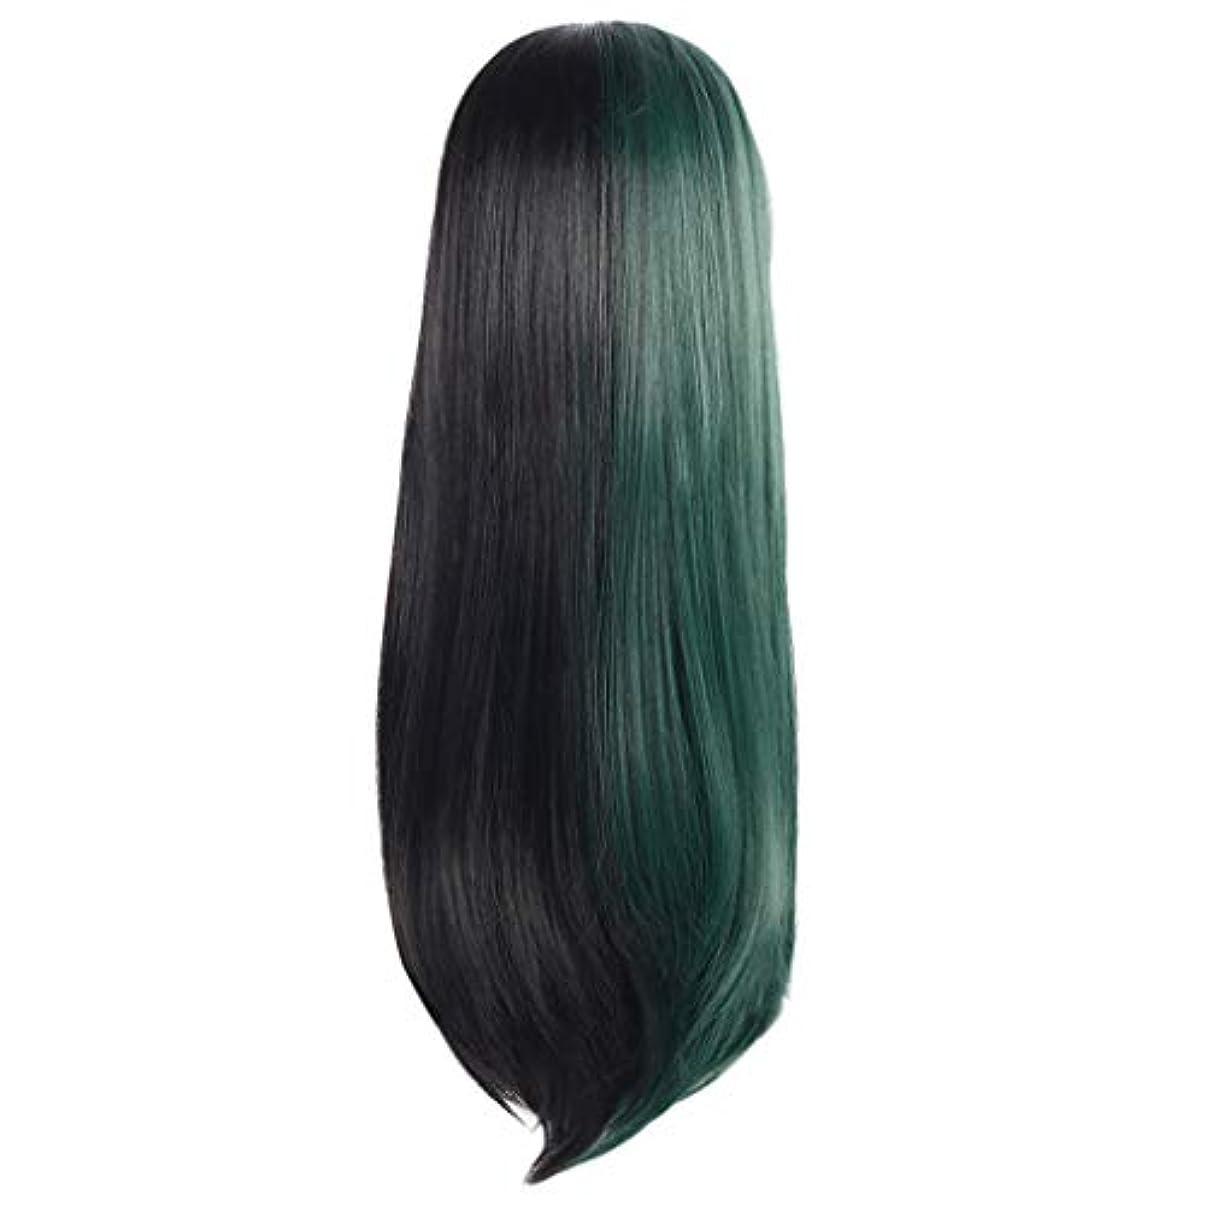 凝縮する死の顎香り女性の長いストレートの髪黒緑のかつら創造的な性格かつらローズネット